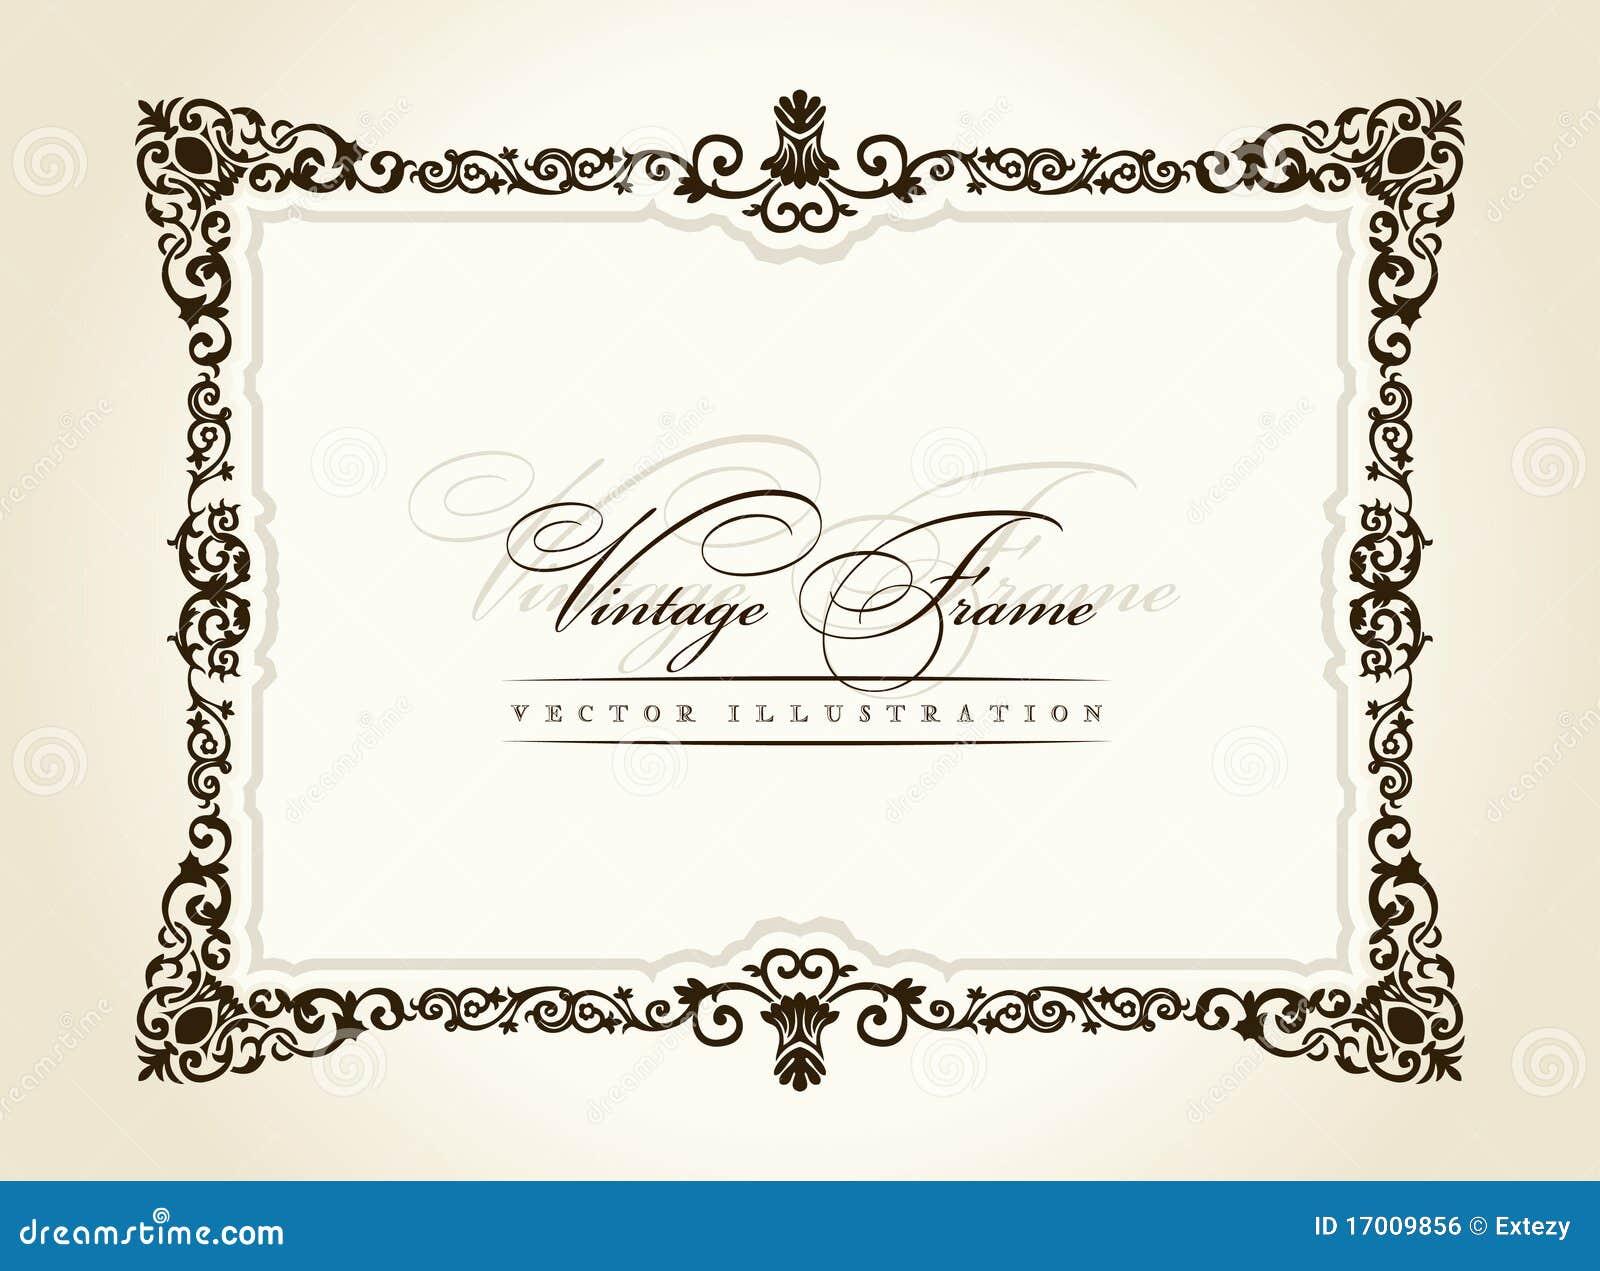 vector vintage royal retro frame ornament stock vector rh dreamstime com vintage frame vector svg vintage vector frames and borders